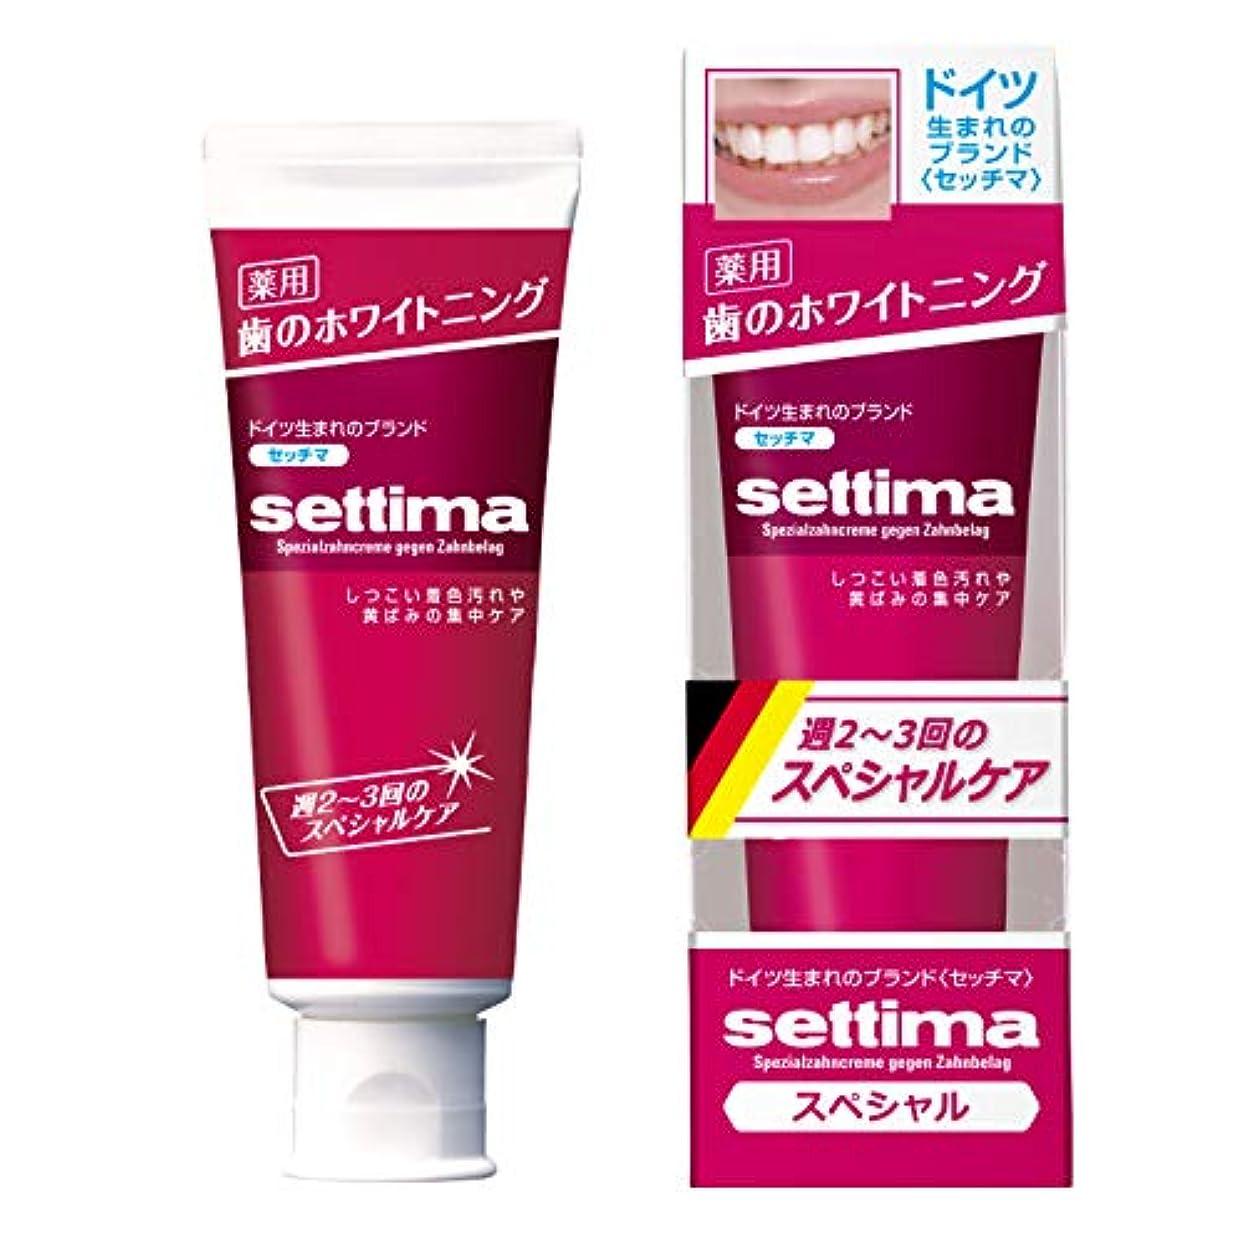 思いつく相反するコンベンション[医薬部外品] settima(セッチマ) ホワイトニング 歯みがき スペシャルケア [ペパーミントタイプ] <ステインケア タバコのヤニ取り フッ素配合 虫歯予防> 80g